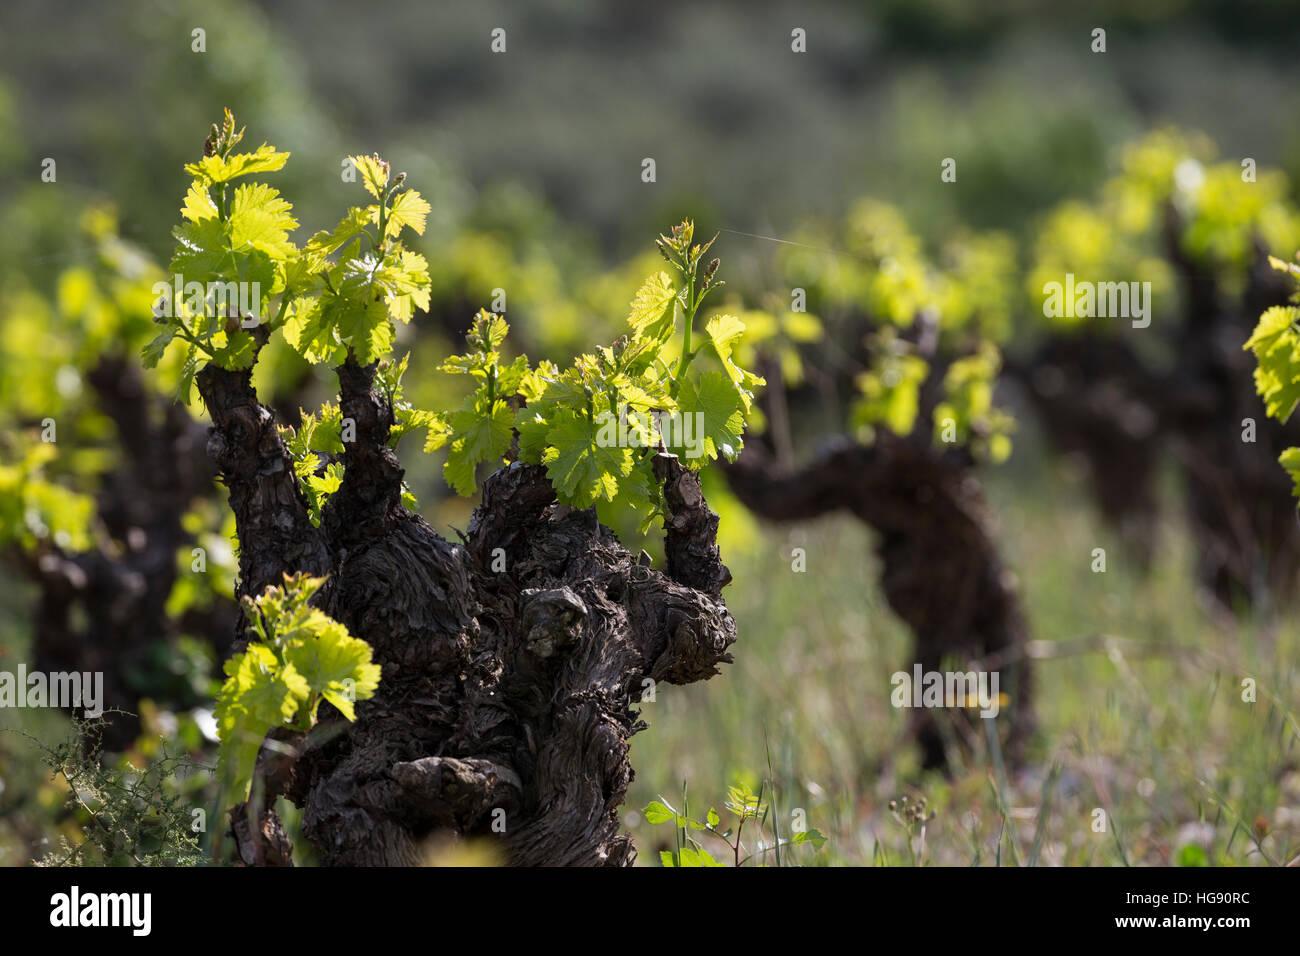 Weinrebe, Wein, Weintraube, Weintrauben, Wein-Rebe, Weinanbau, Anbau, Weinberg, Weinstock, Weinstöcke schlagen im Stock Photo